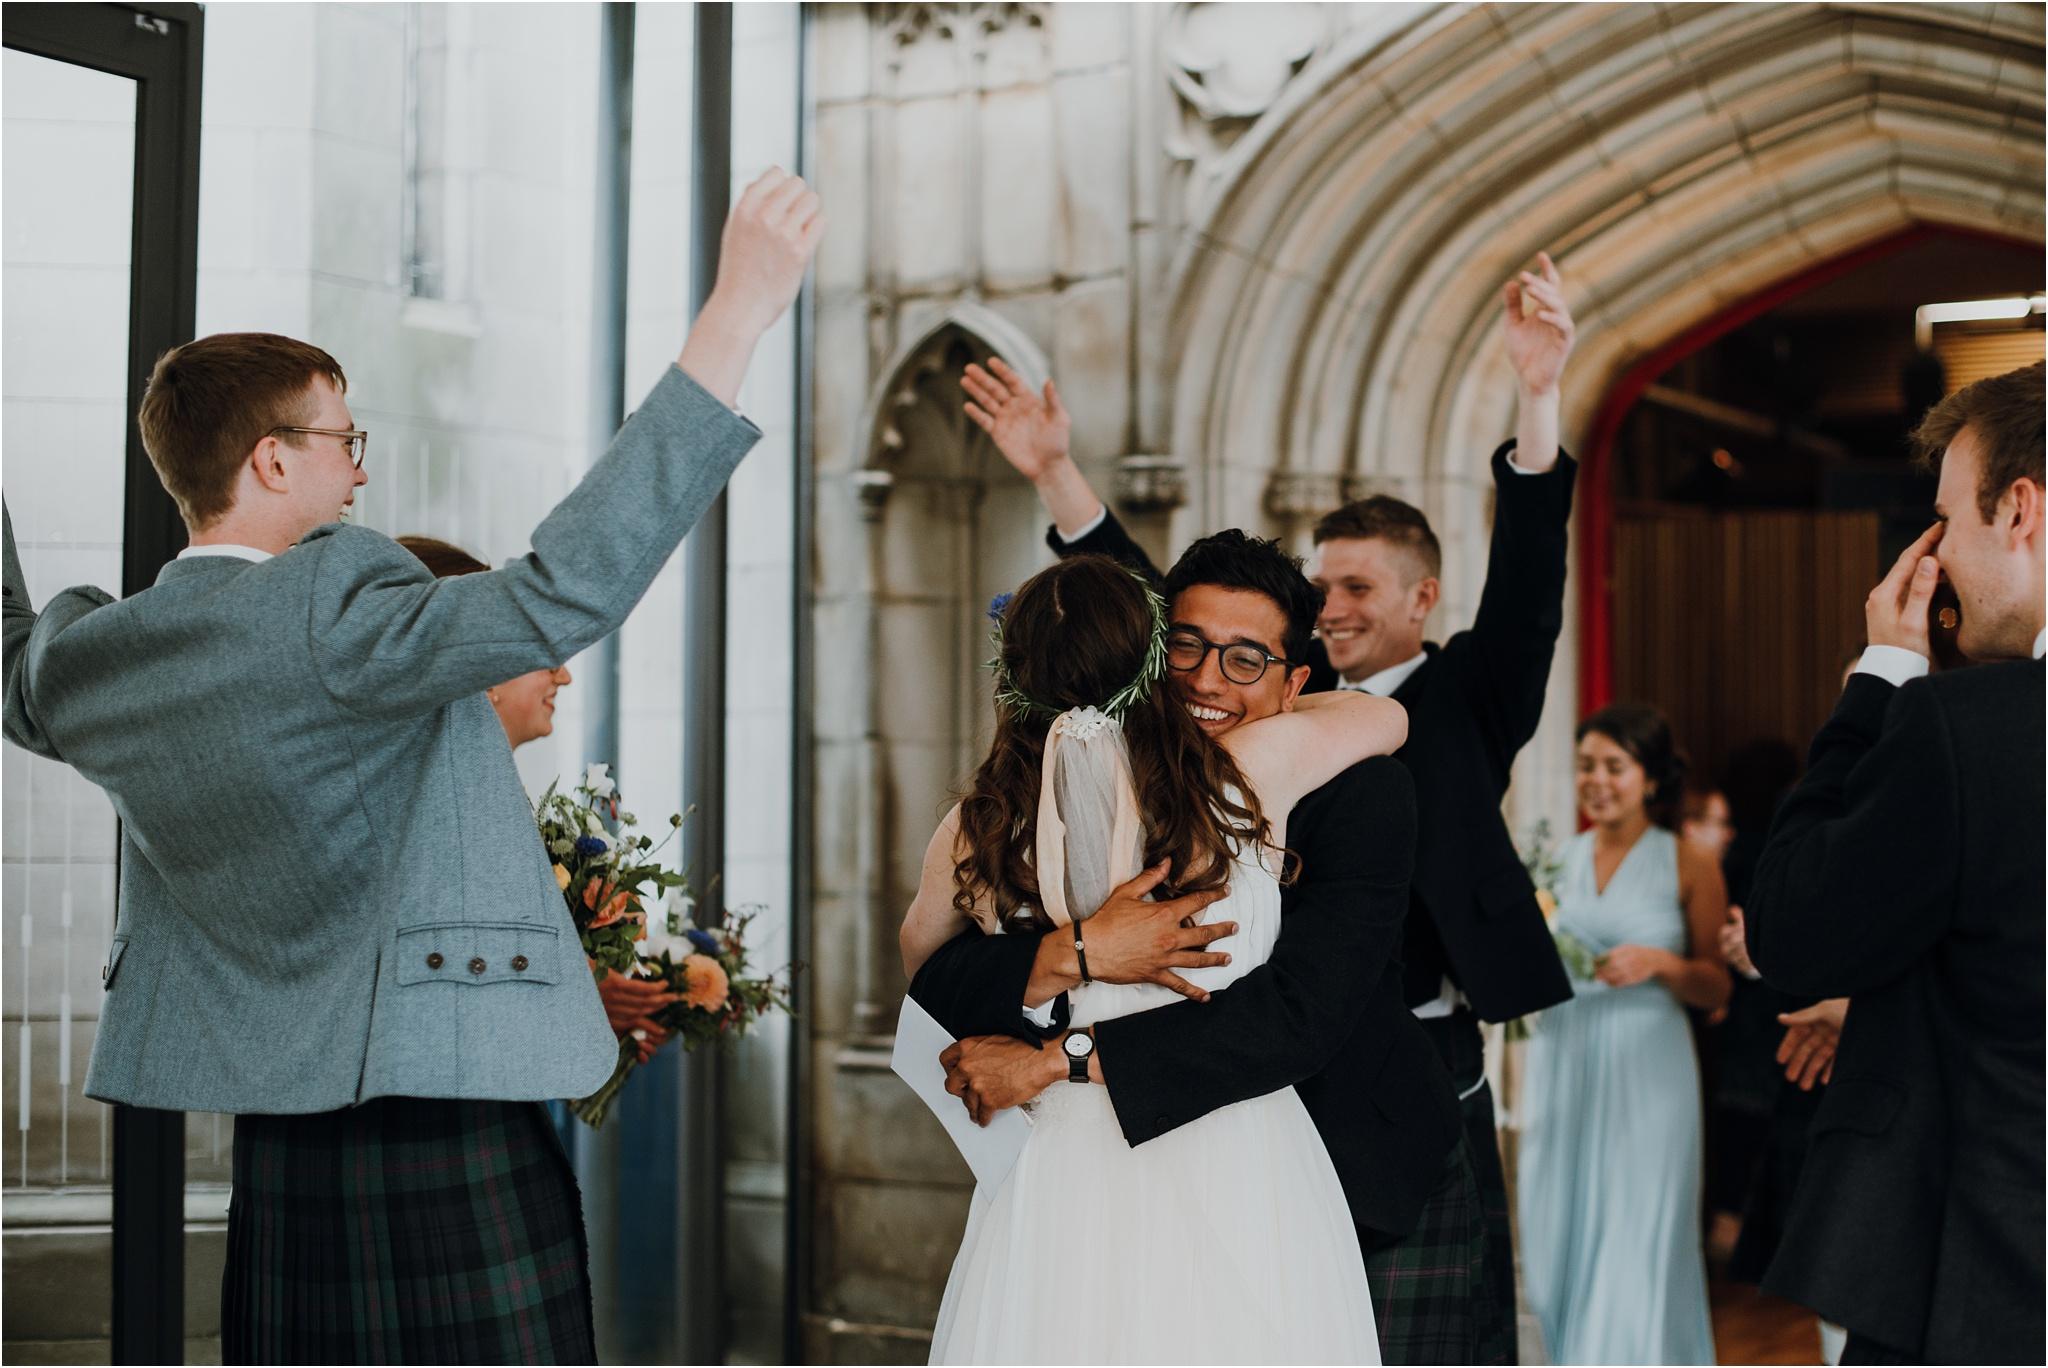 Edinburgh-barn-wedding-photographer_51.jpg